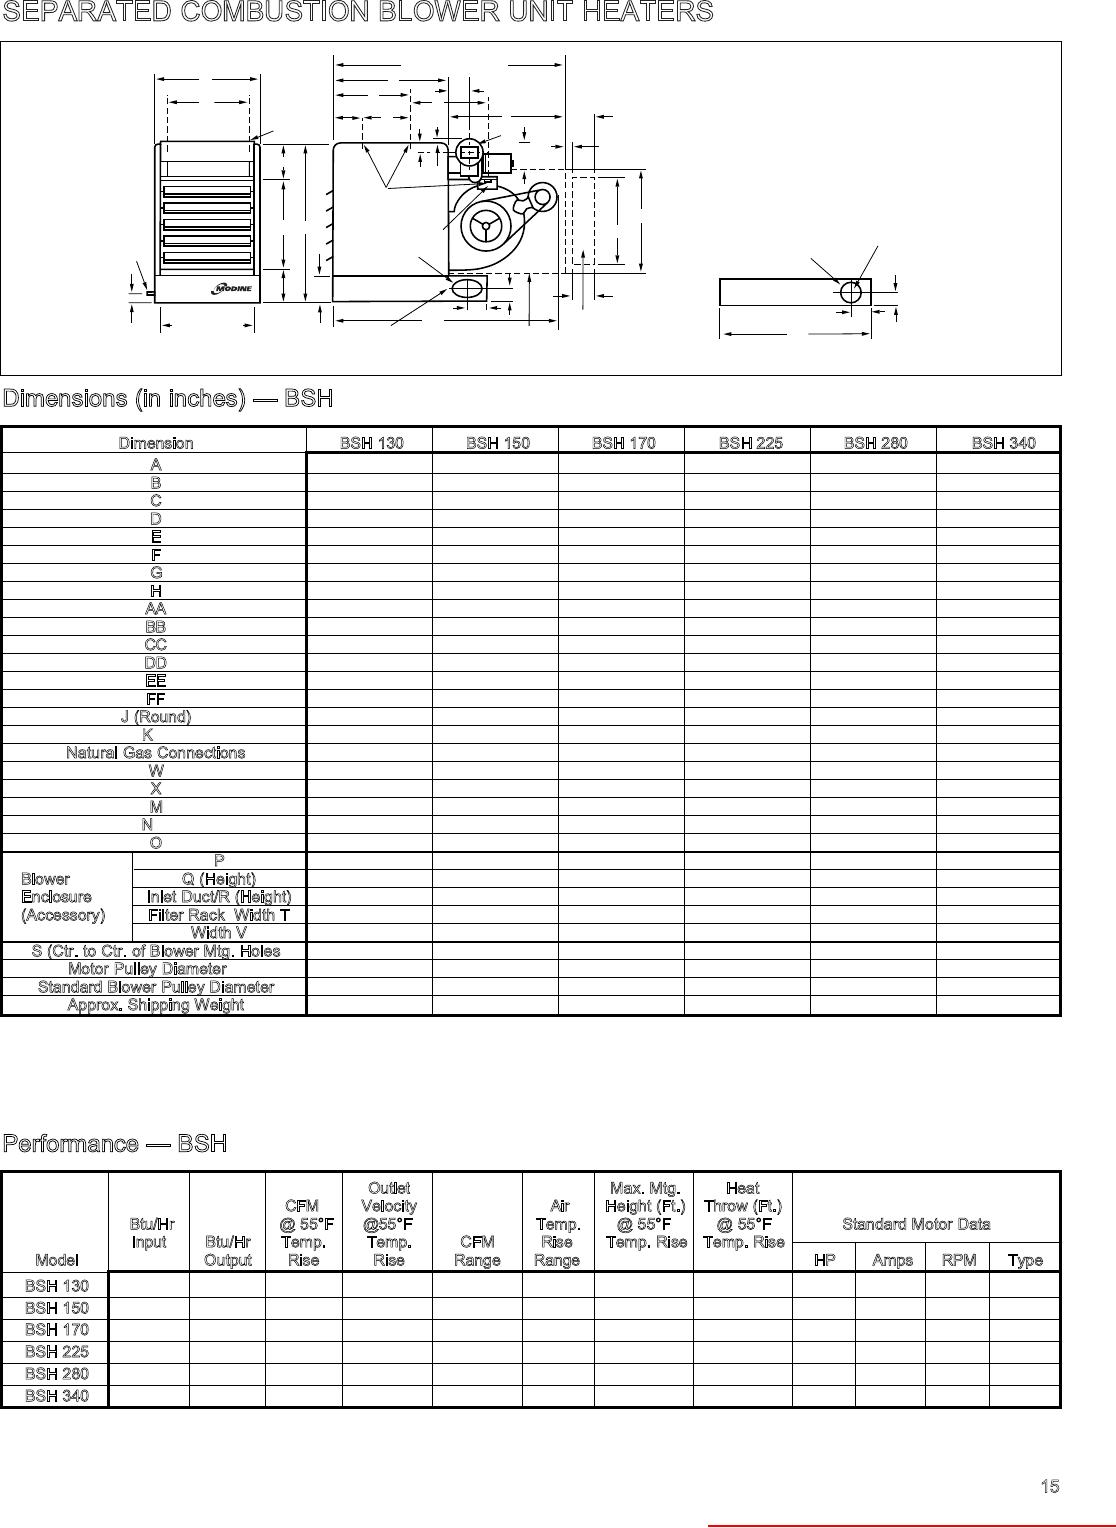 Modine Pa 150 Wiring Diagram - Wiring Diagram